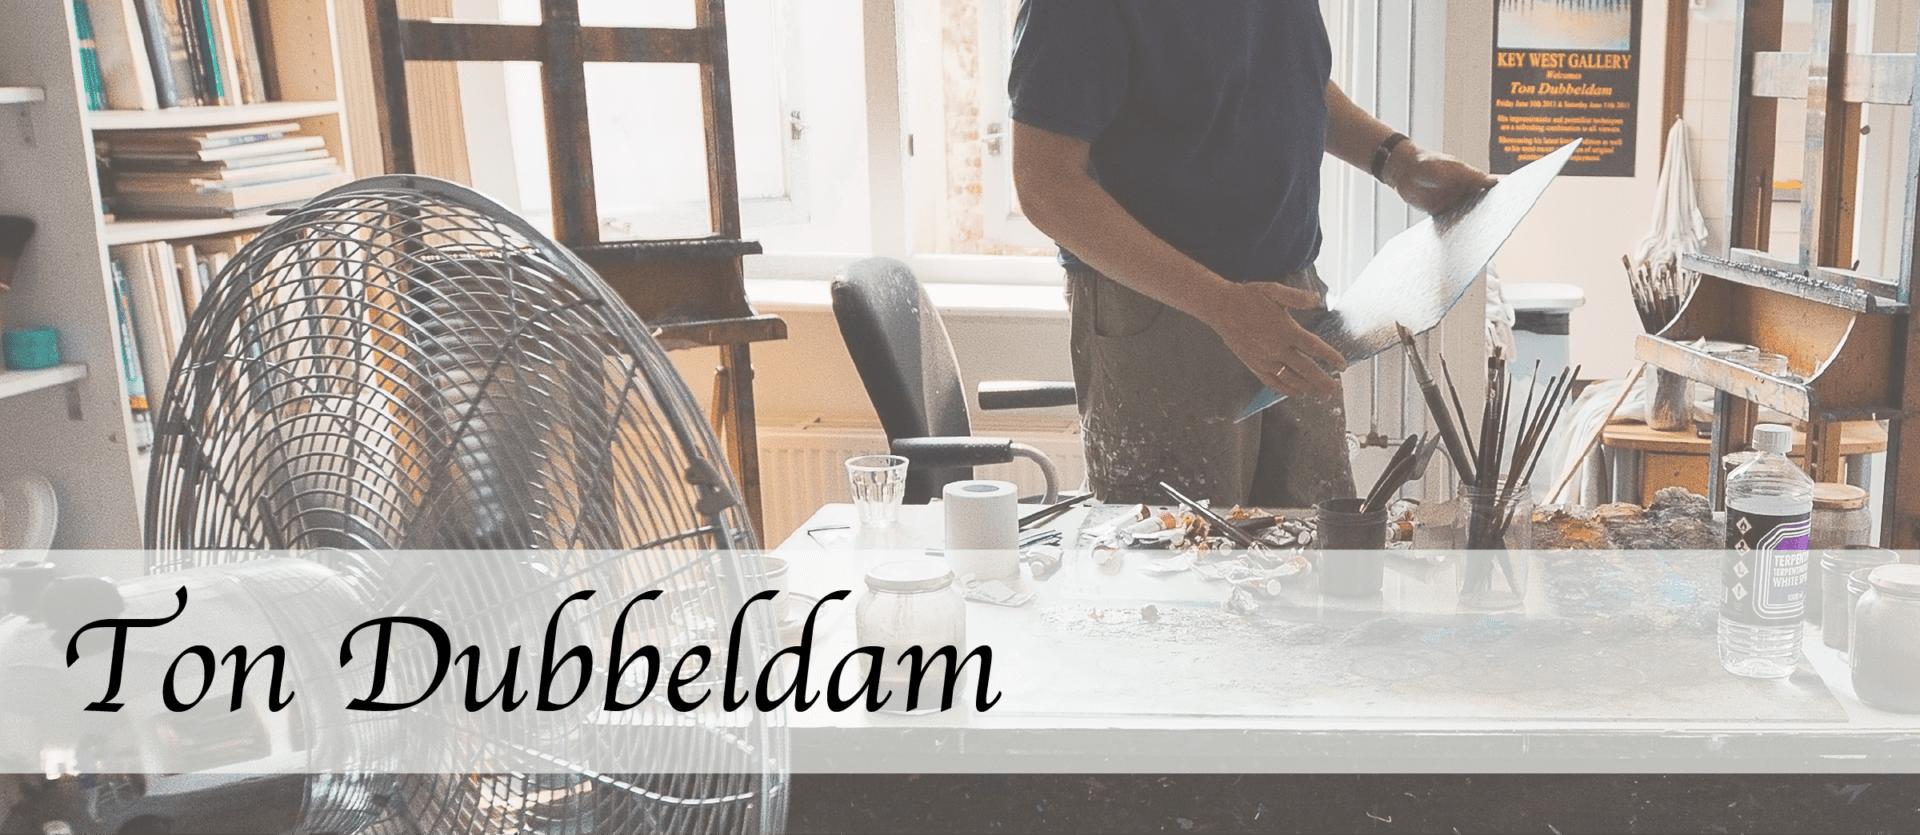 Dubbeldam_Banner